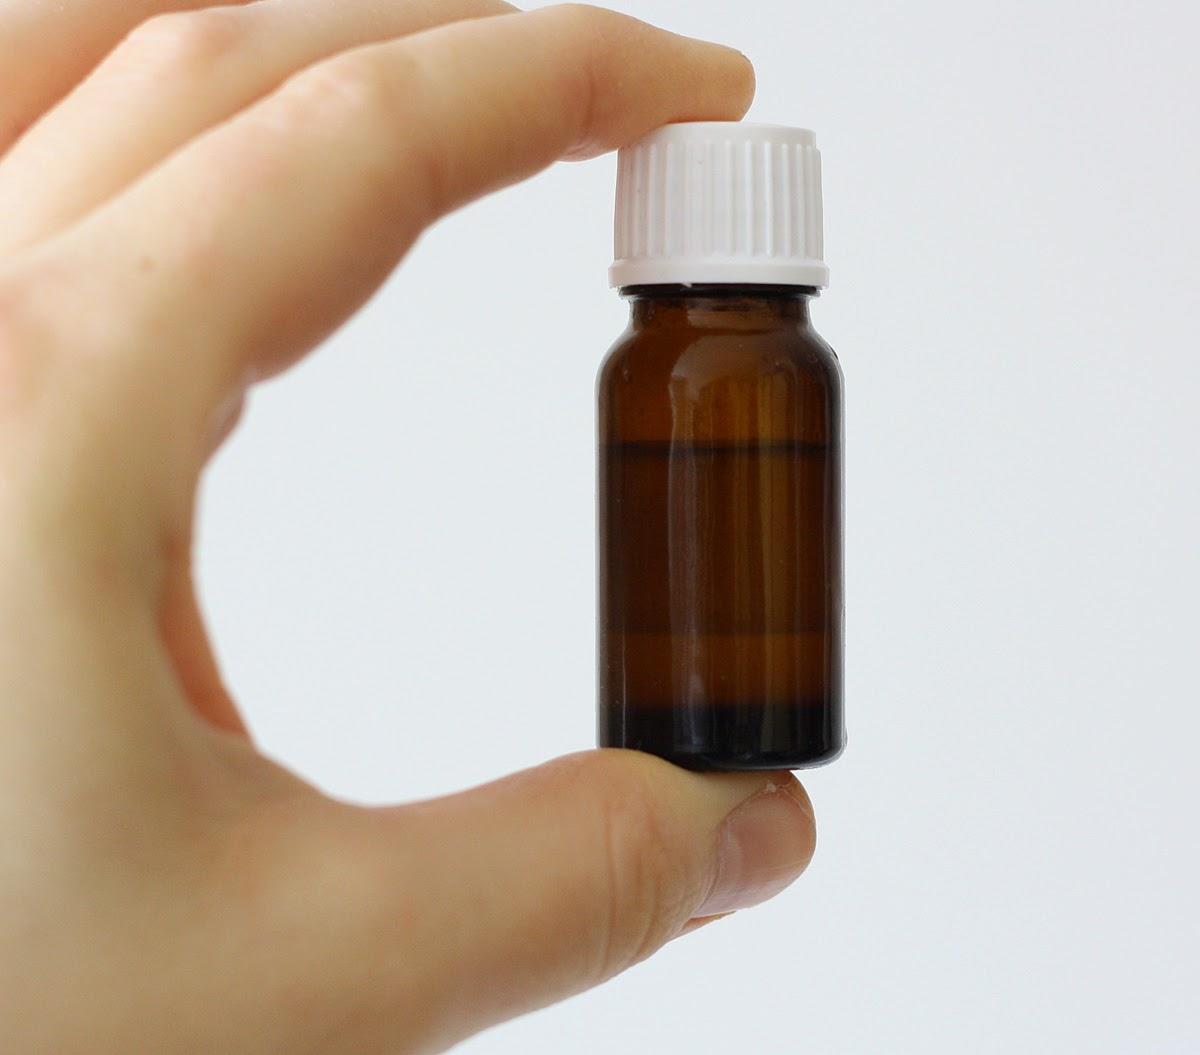 żel hialuronowy, olej arganowy i olej z pestek z winogron